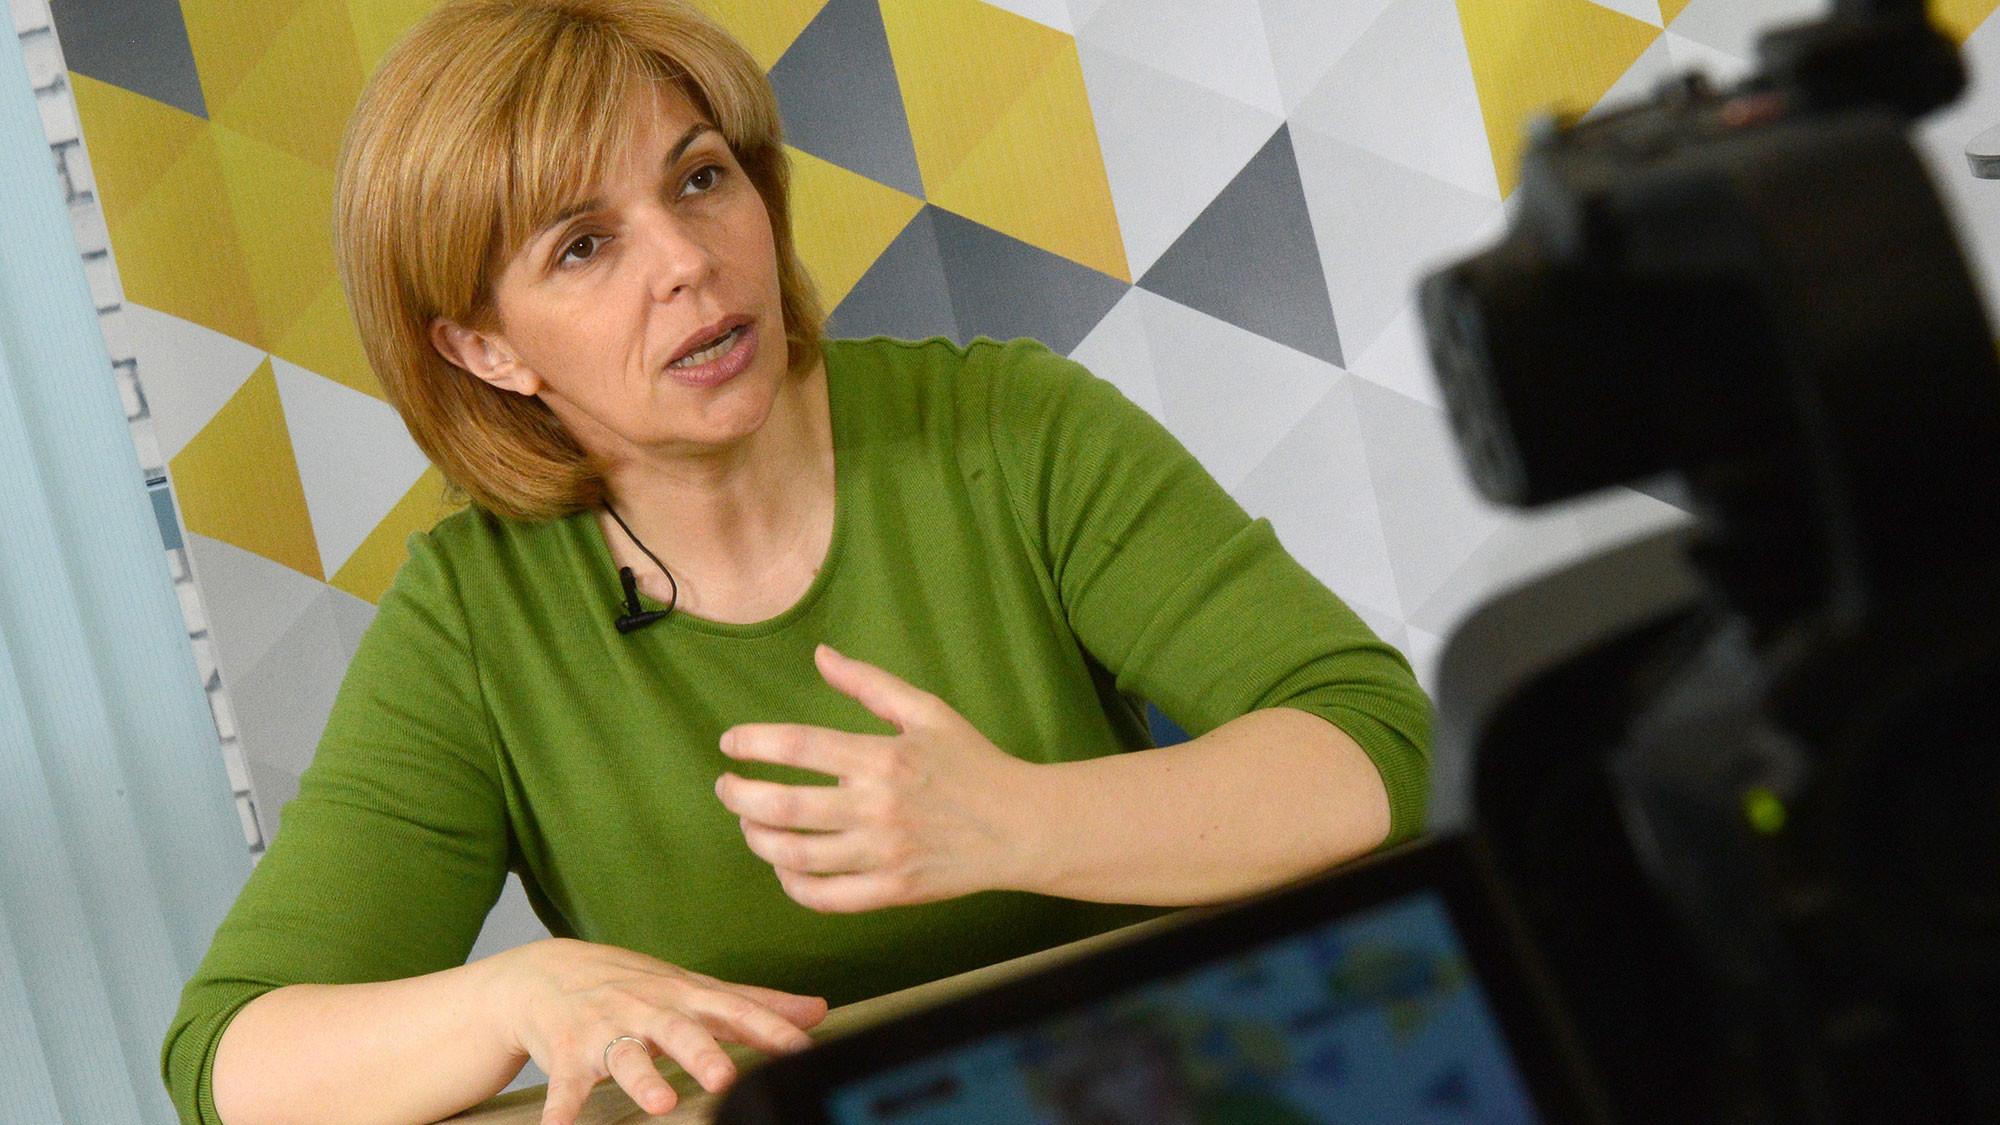 Ольга Богомолец. Фото: © РИА Новости / Евгений Биятов